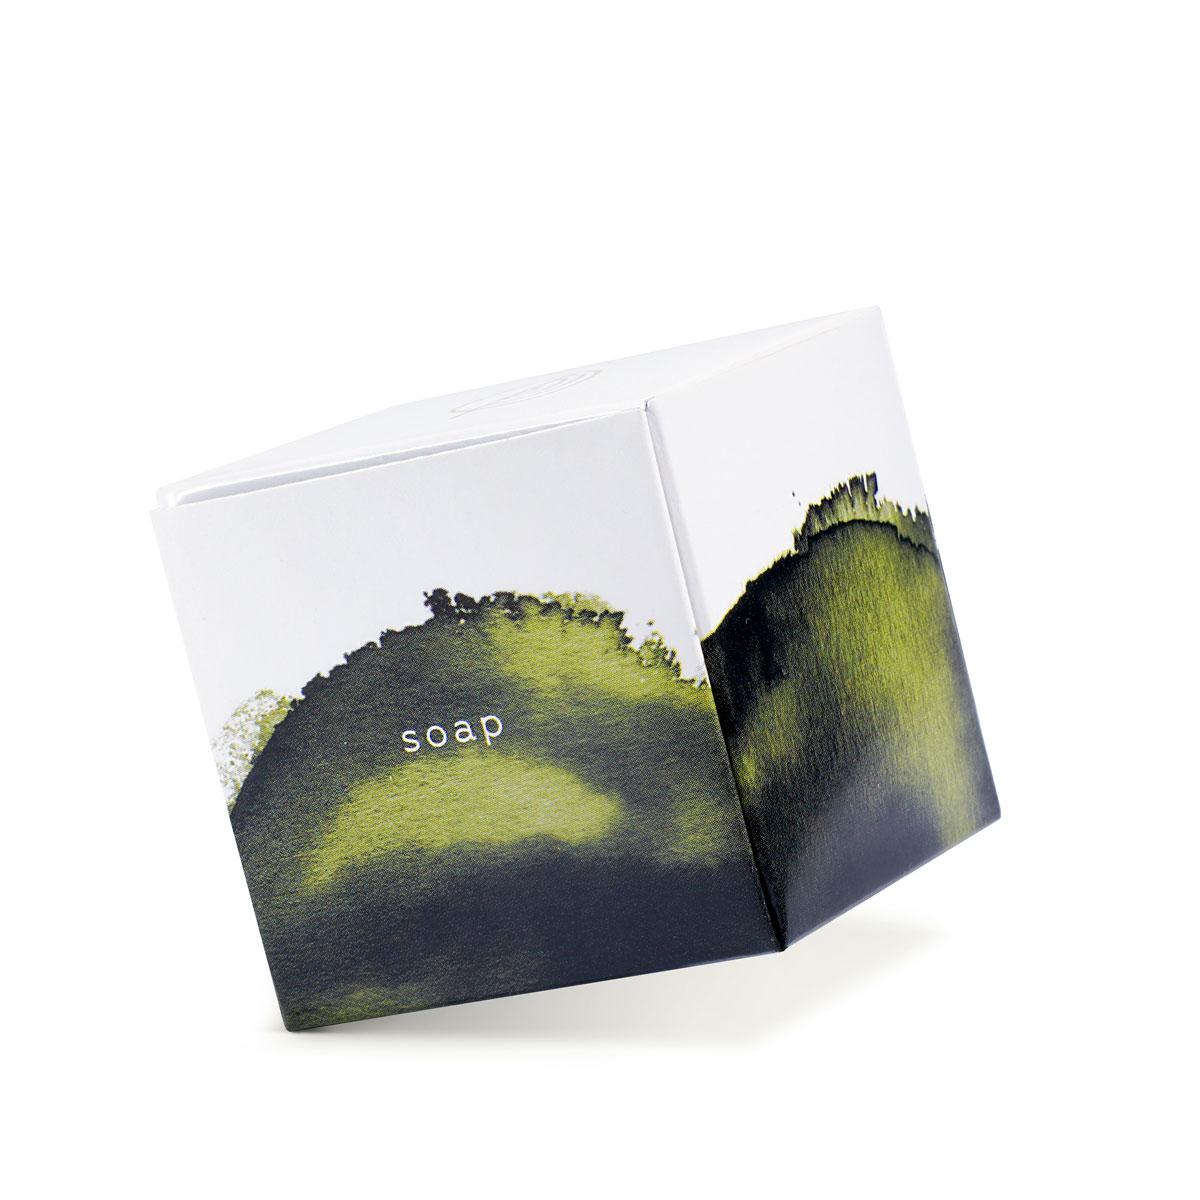 petit-collection-web-soap